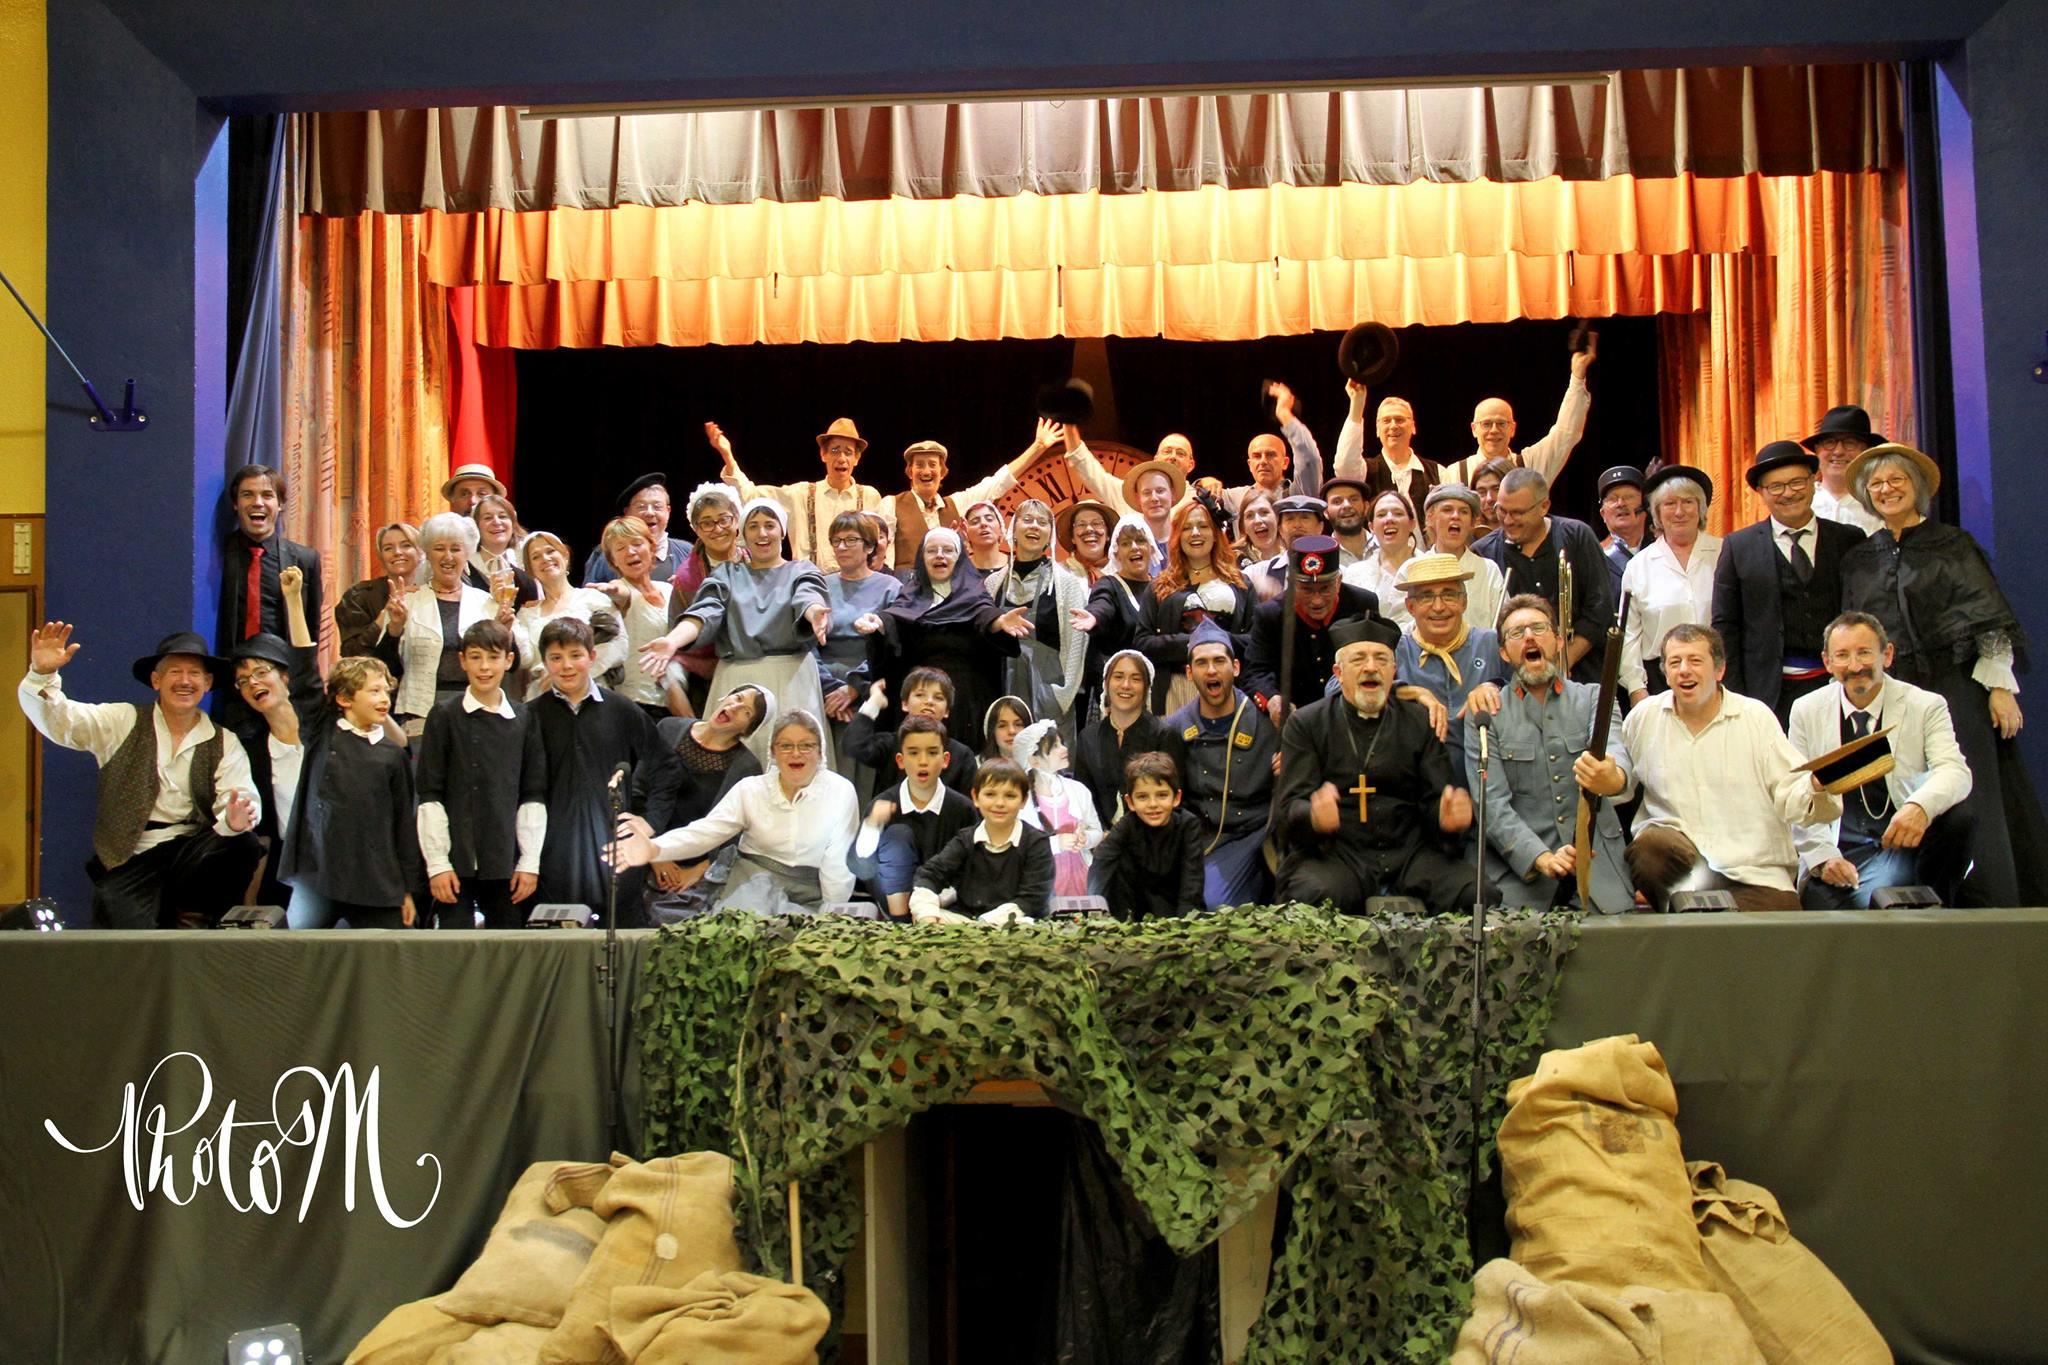 Photographie de votre spectacle. Département de l'Ain, à St Jean le Vieux proche d'Ambérieu-en-Bugey, Bourg-en-Bresse, Lagnieu, Pont d'Ain.